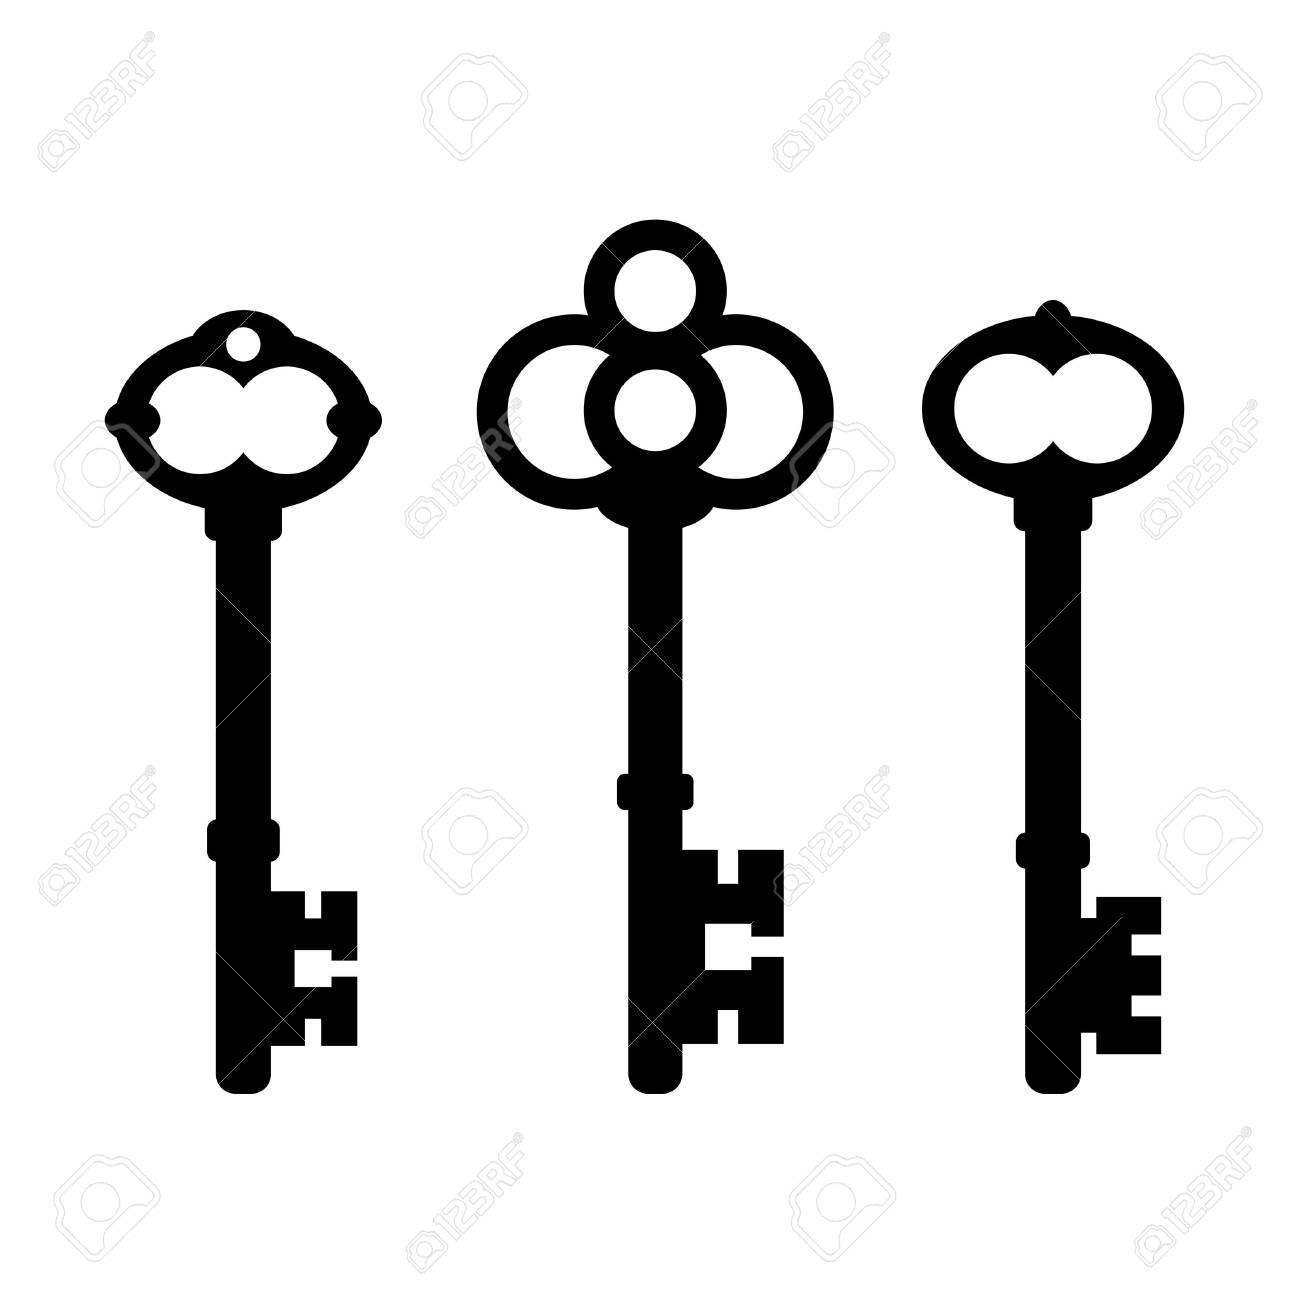 Old ornate key icon set - 114352482